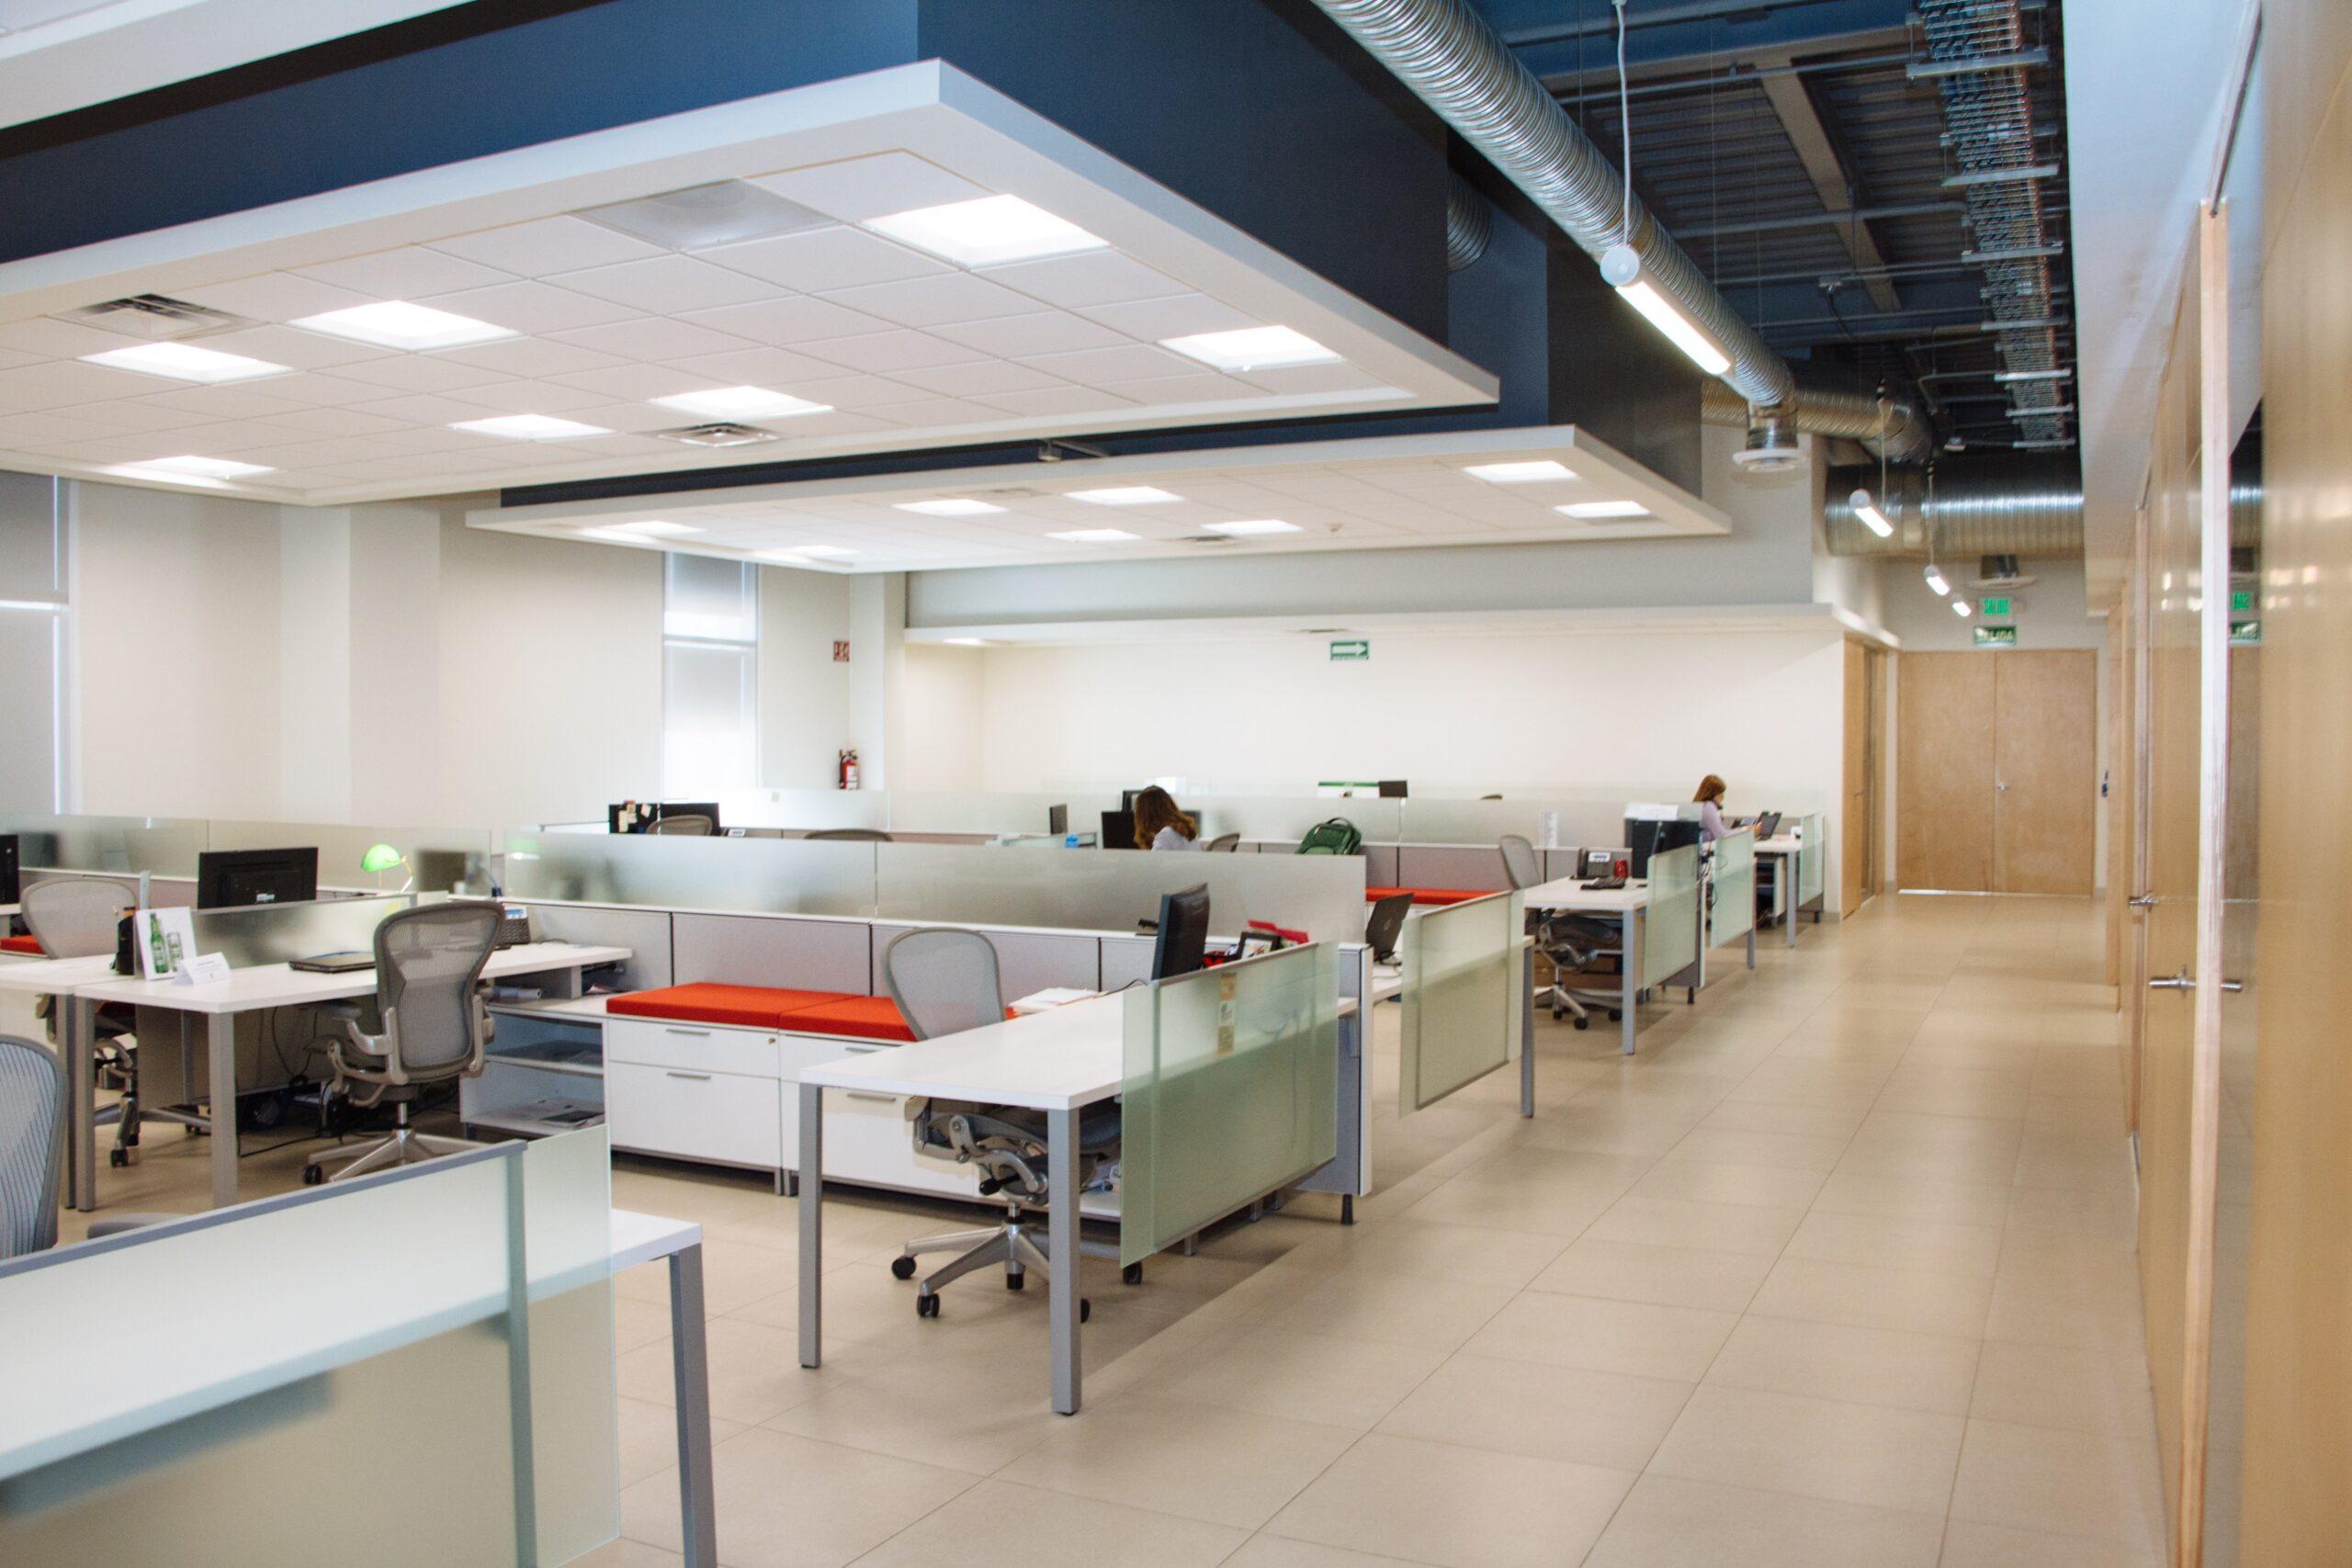 オフィス縮小、移転のポイント②:使用している家具や機材の選別